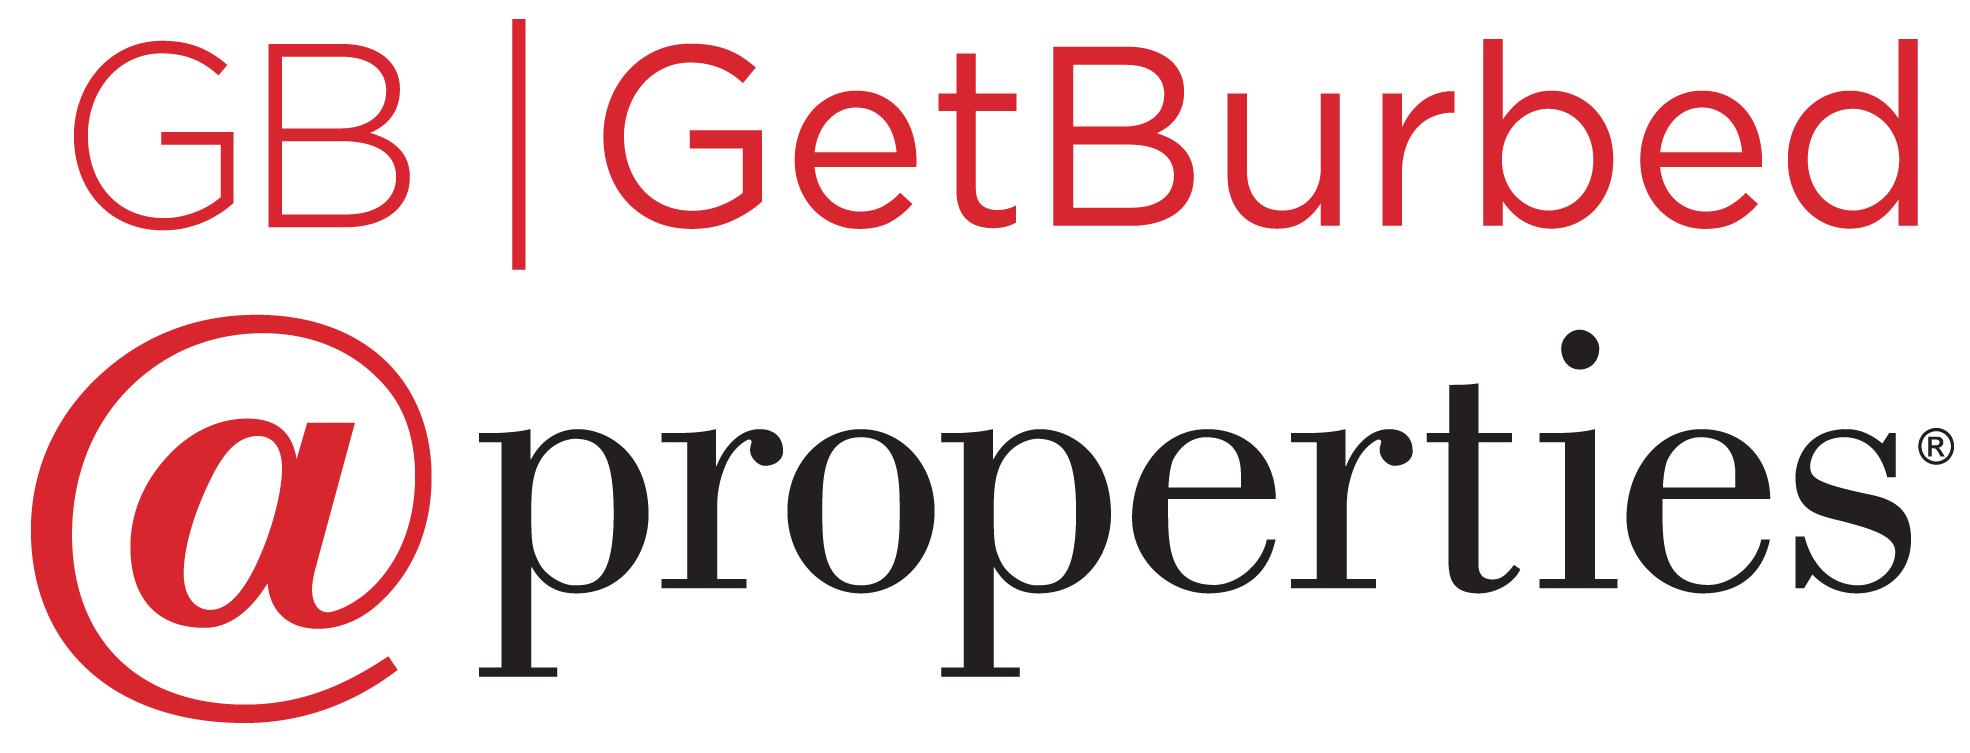 GetBurbed